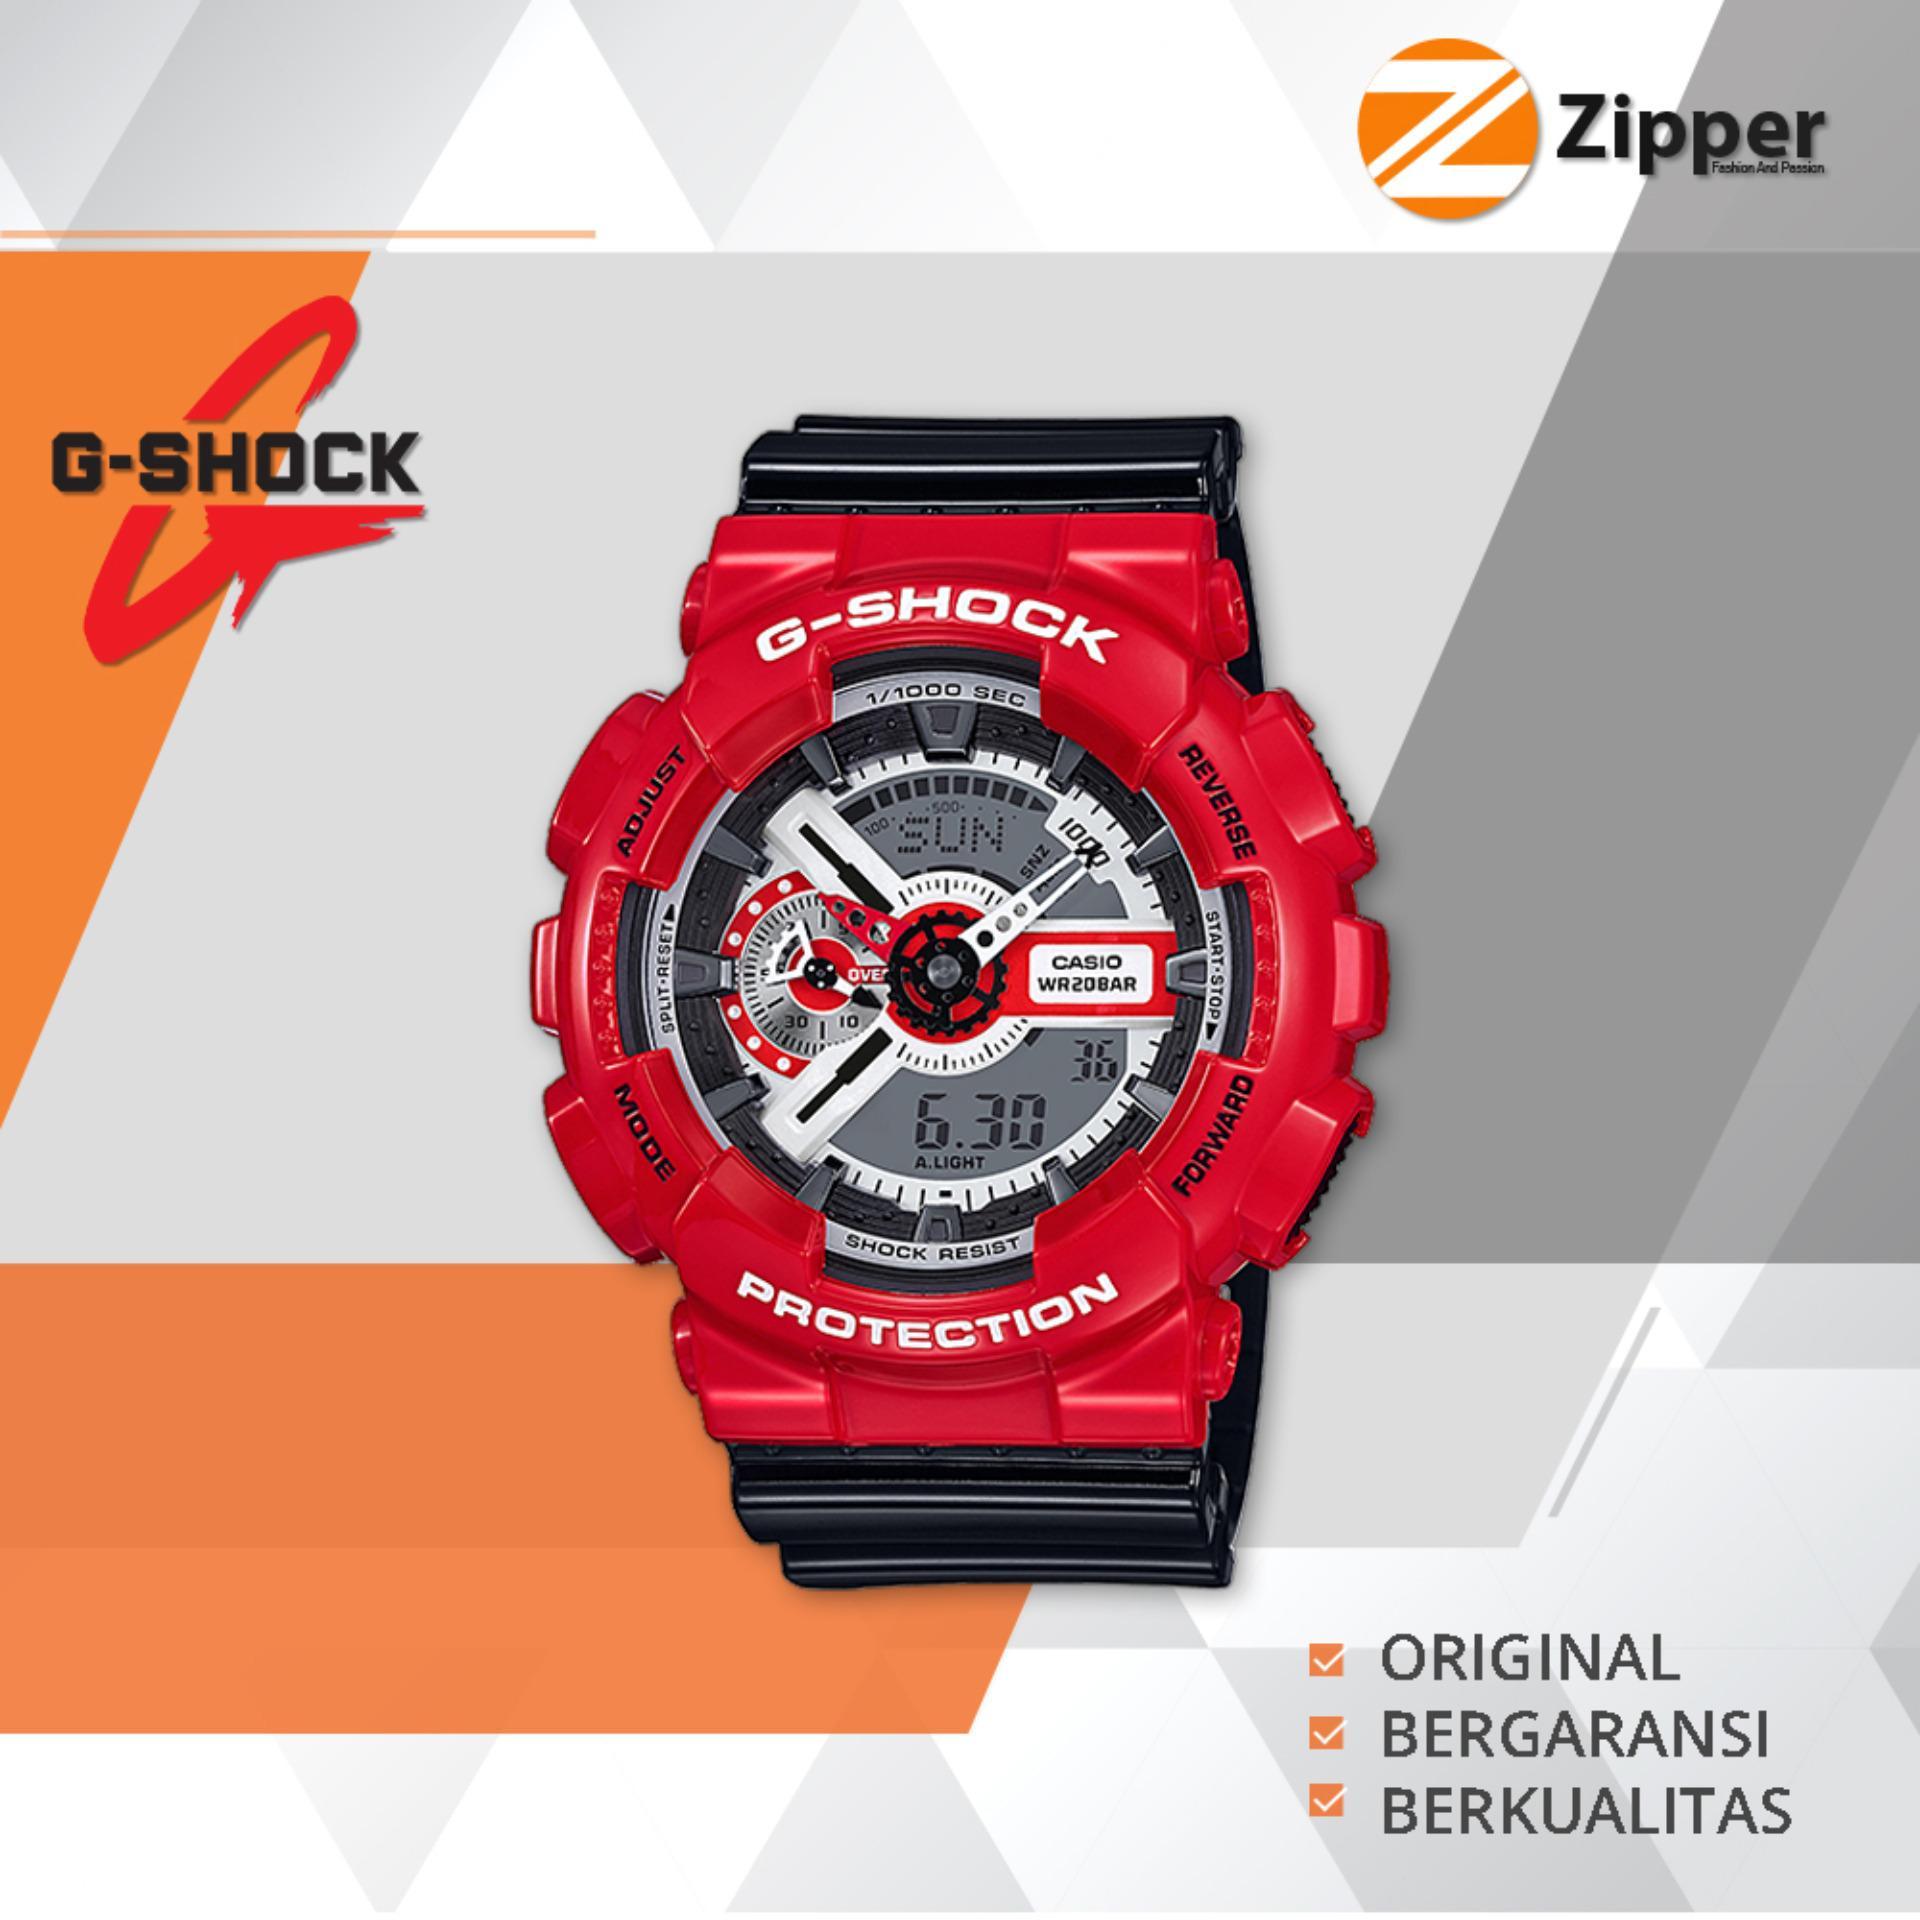 Beli Casio G Shock Jam Tangan Pria Analog Digital Ga 110 Series Tali Karet Murah